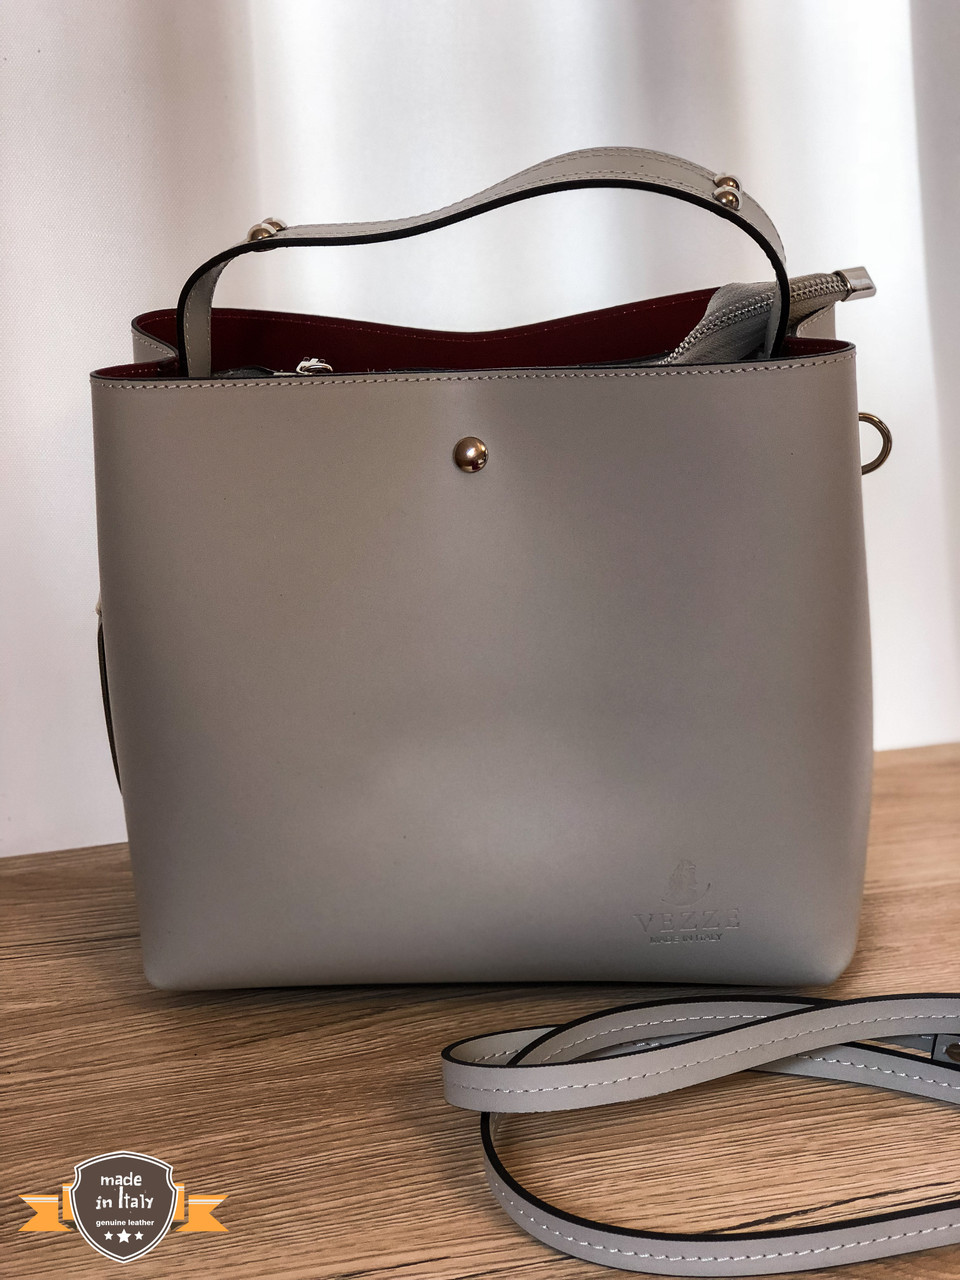 9353551e2bd1 Vezze сумка женская из натуральной кожи италия 2 550 грн сумки